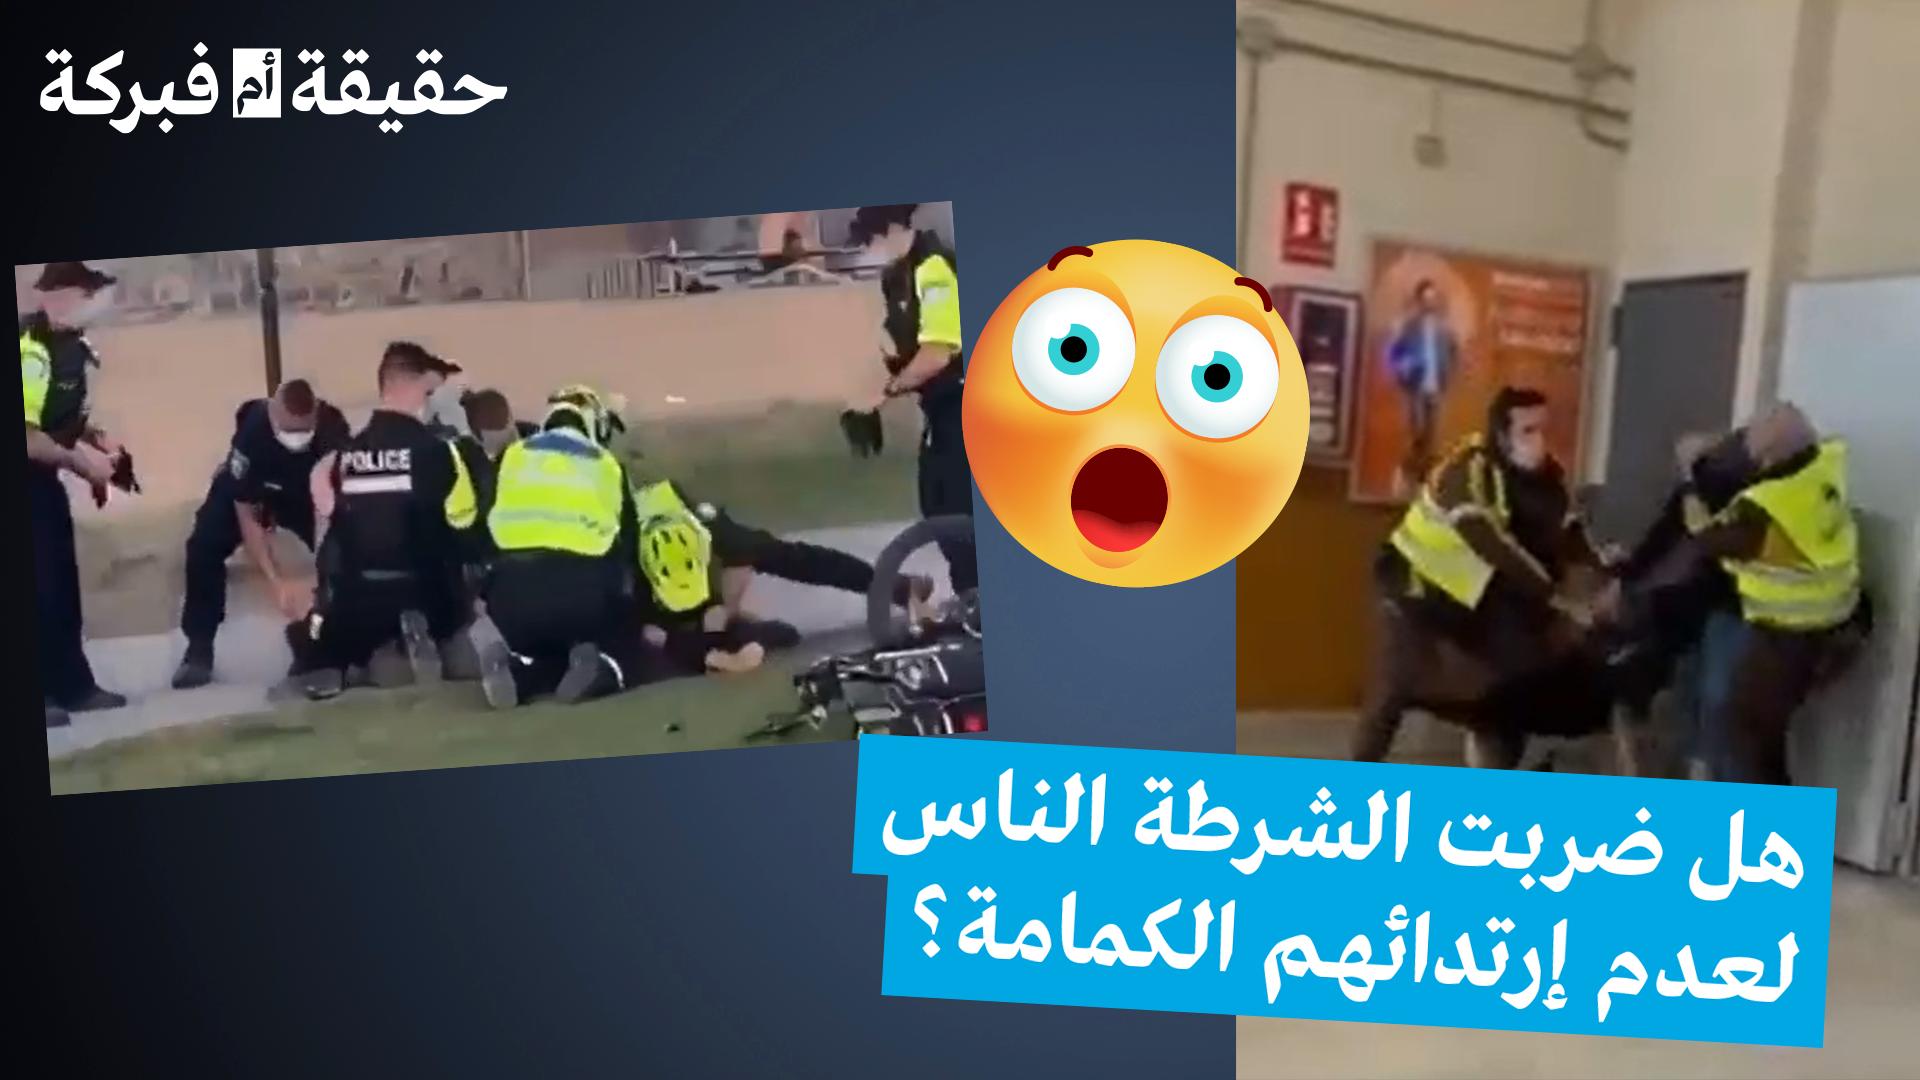 هل برحت الشرطة ضربا في كندا و إسبانيا هؤلاء الناس لعدم إرتدائهم الكمامة في مكان عام؟